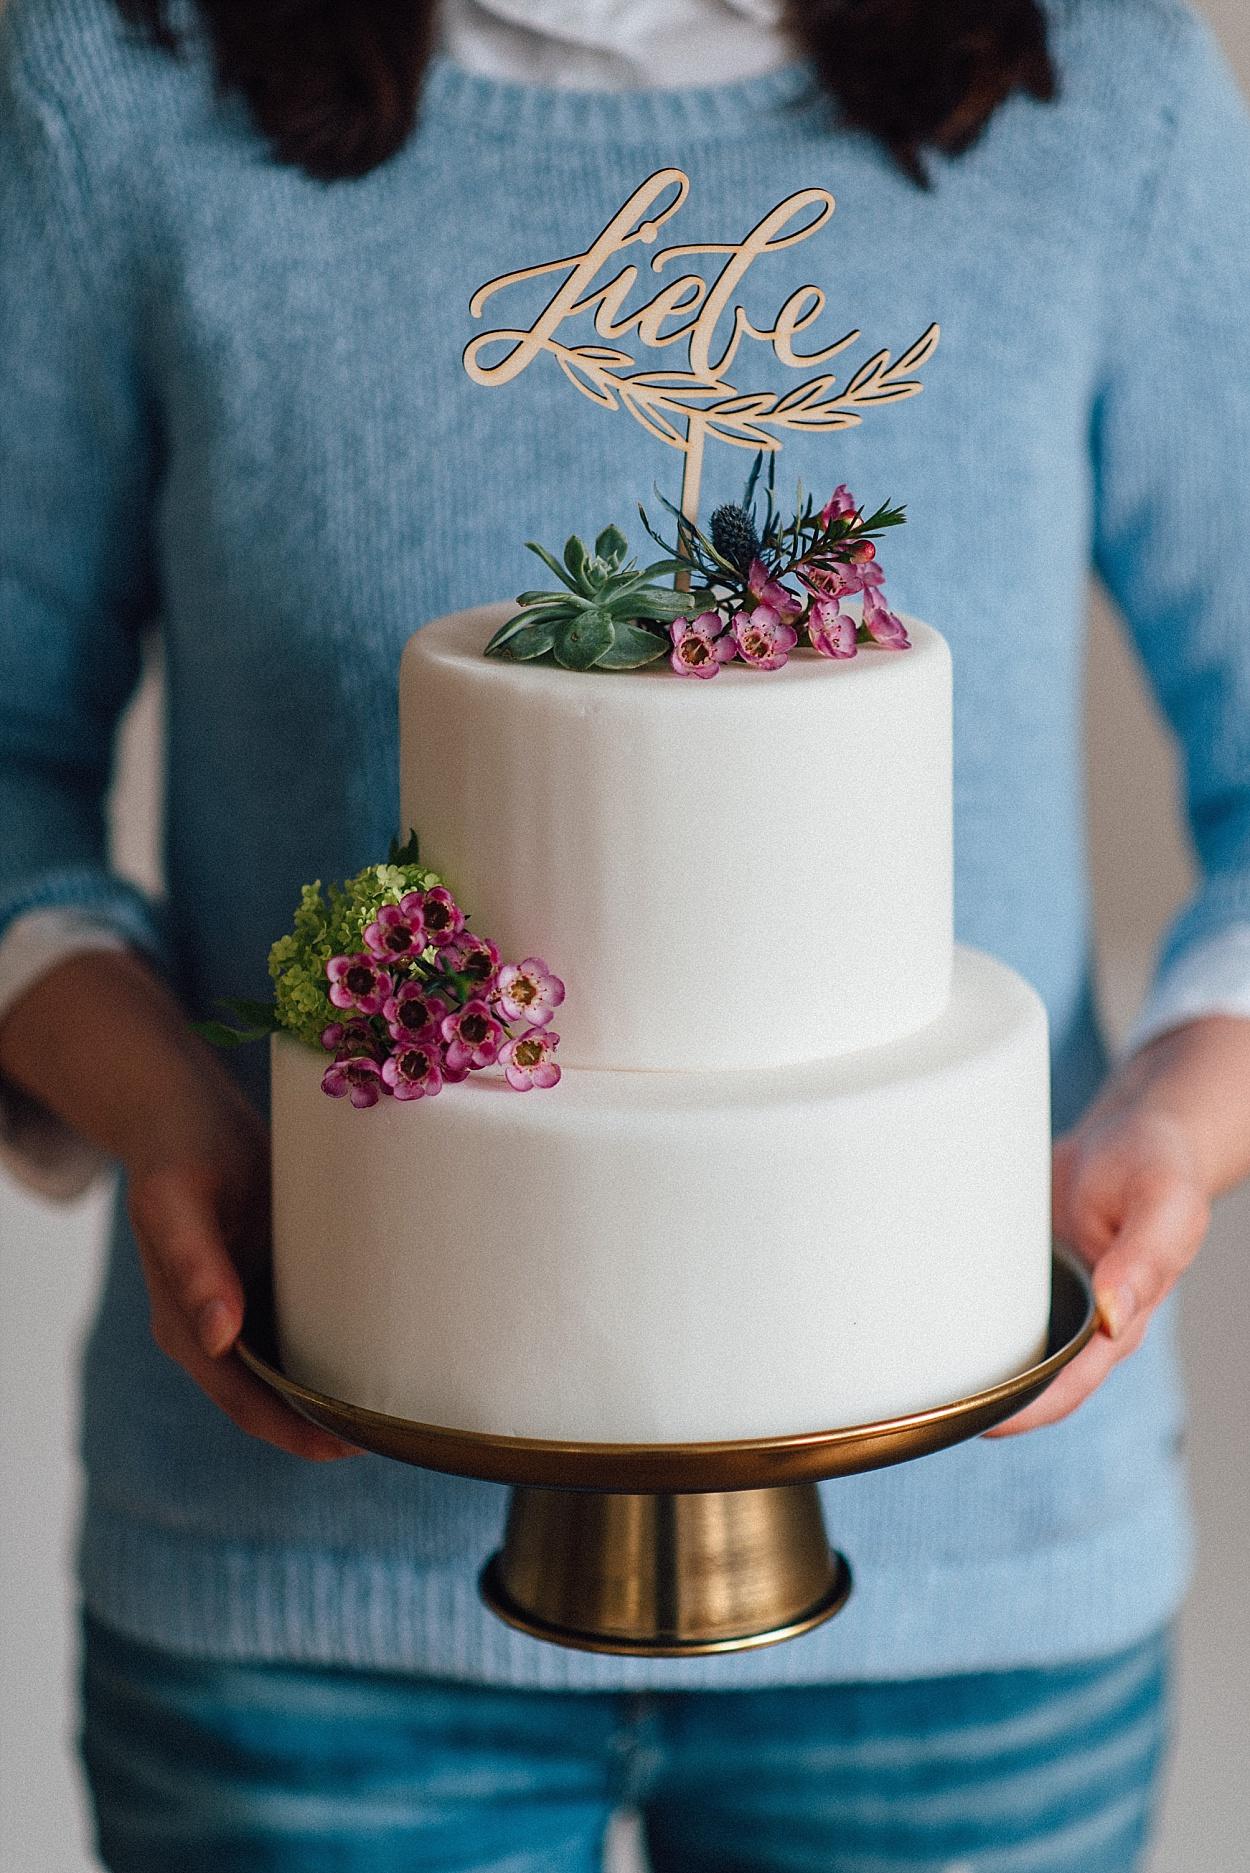 Cake Topper Liebe für Hochzeit